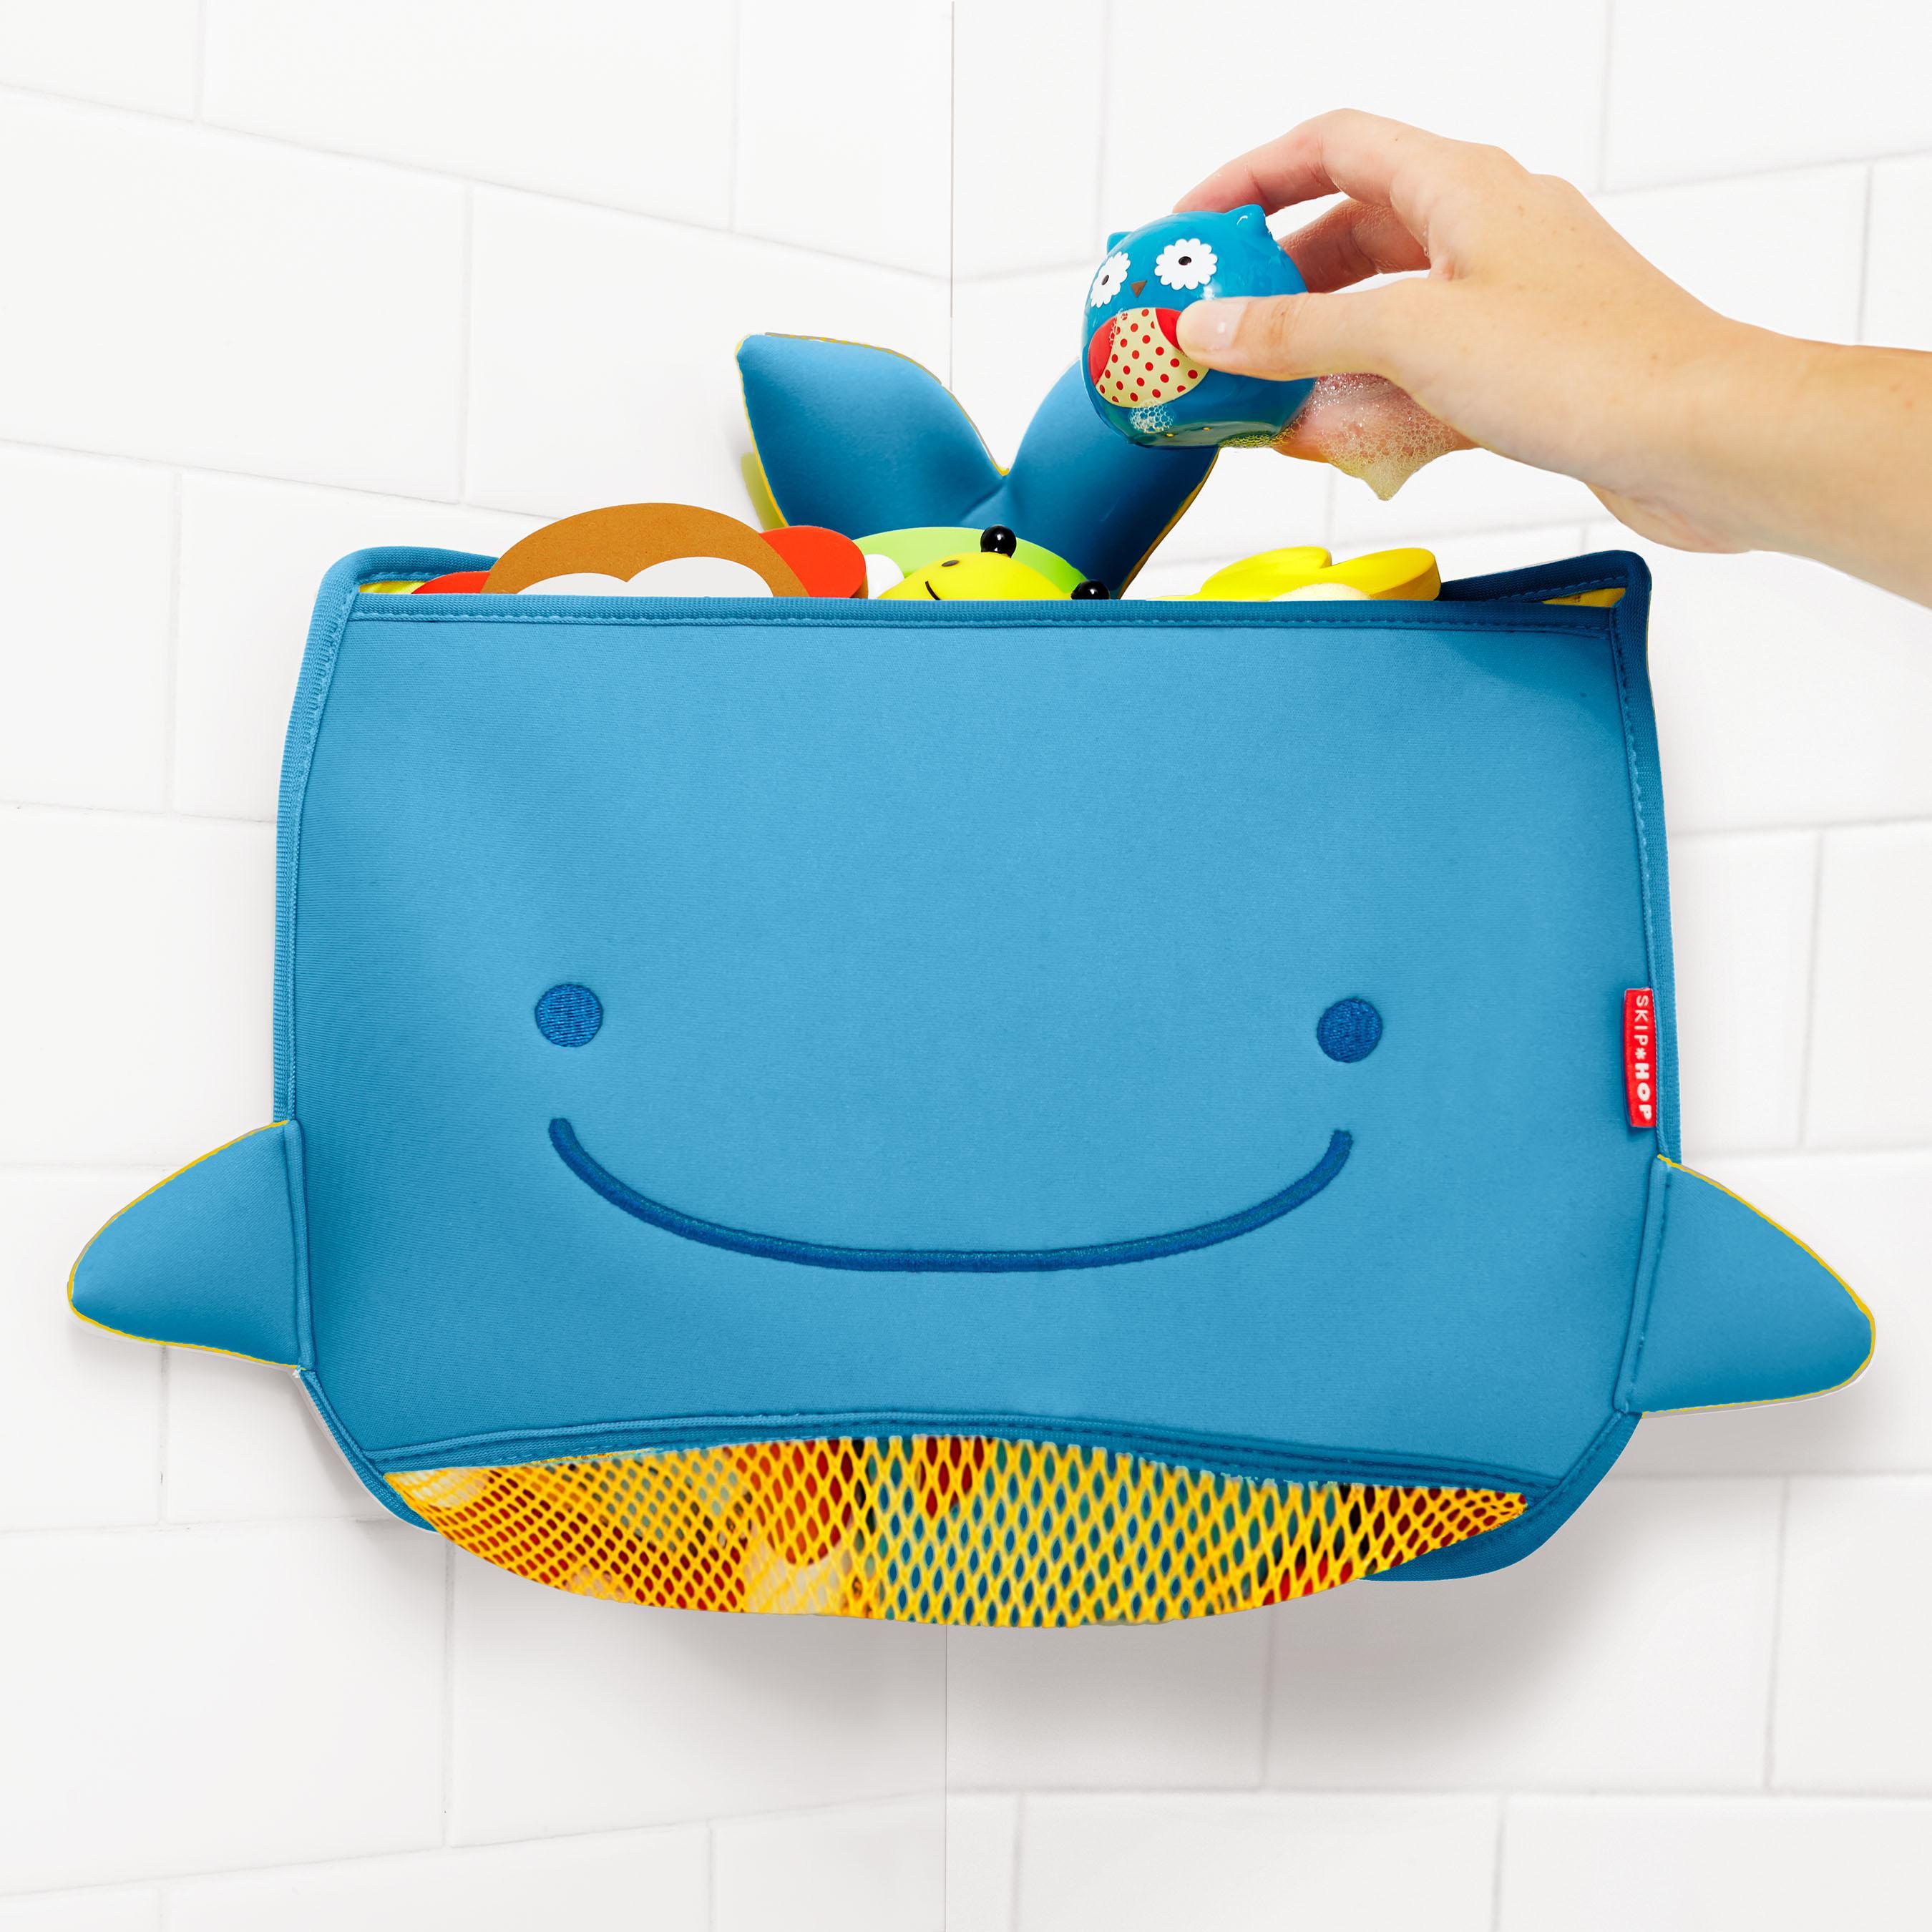 Small Toy Organizer : Skip hop moby corner bath toy organizer blue small